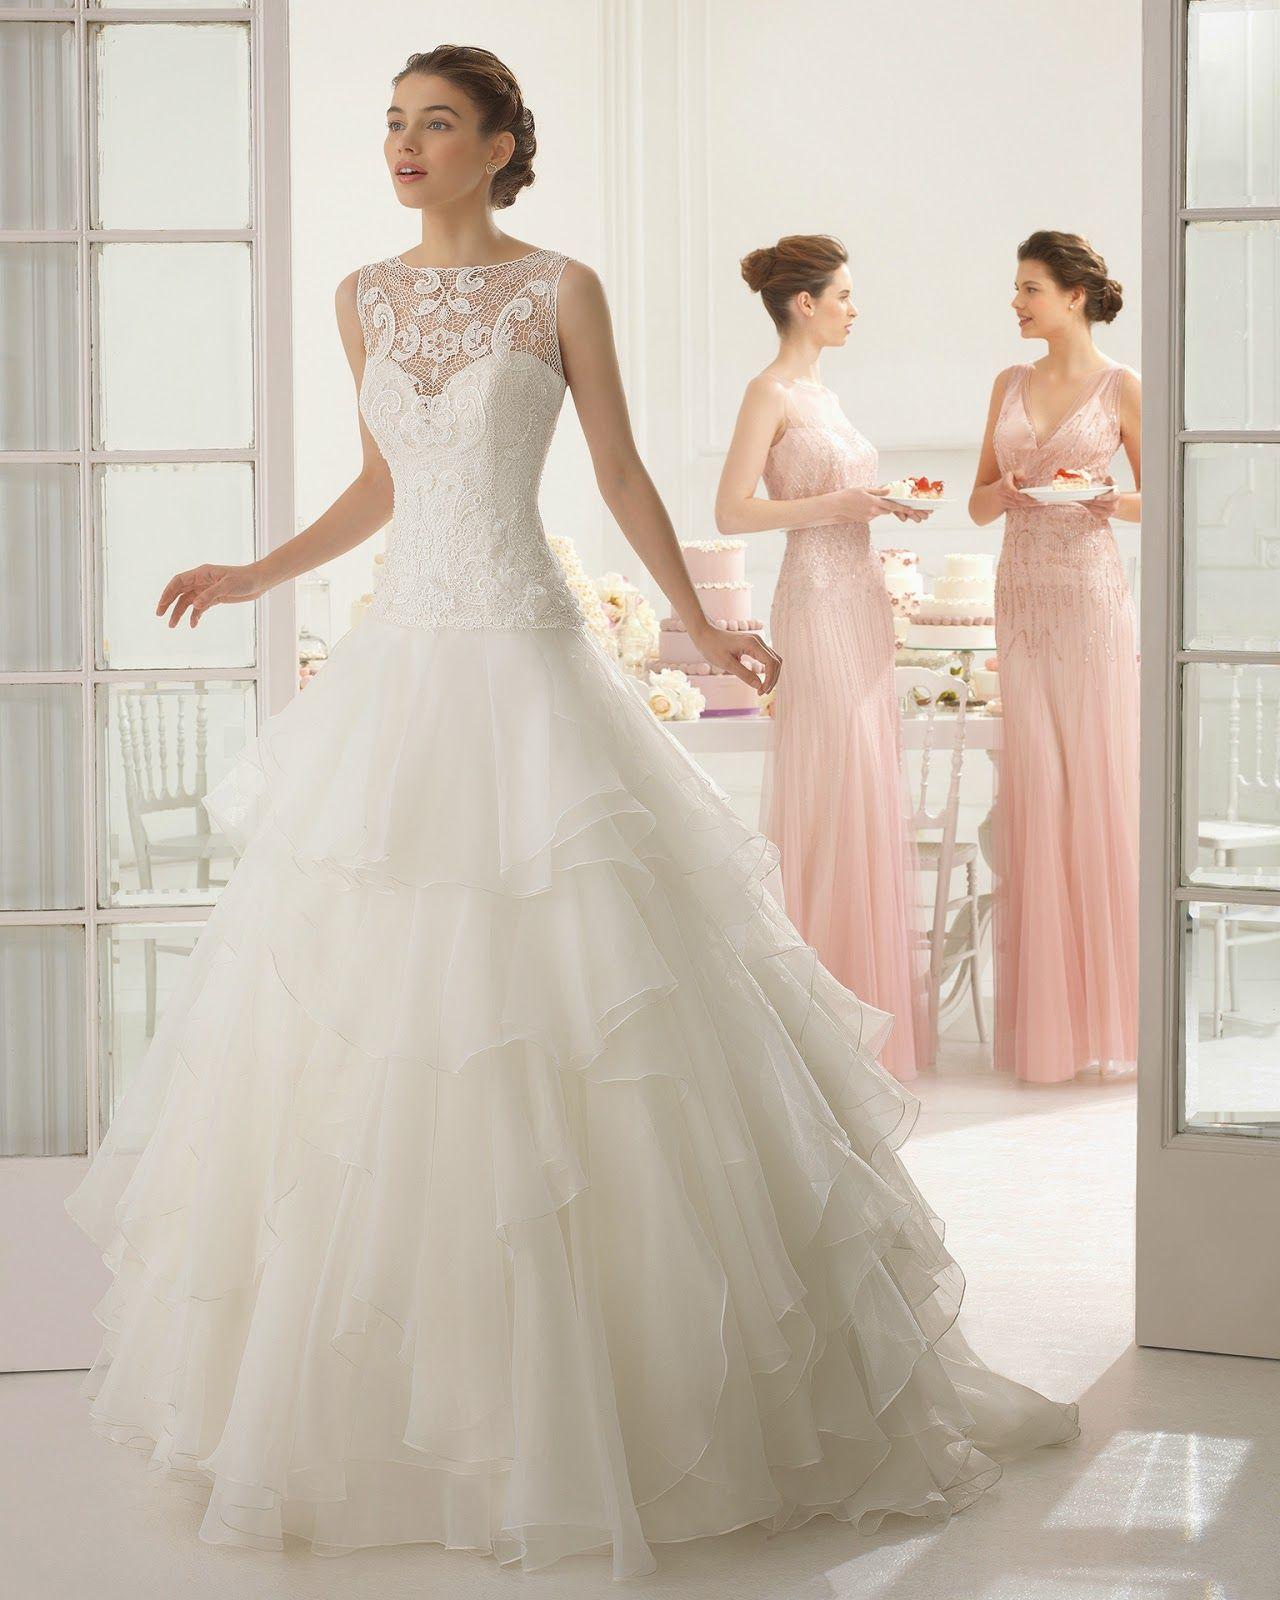 Resultados de la búsqueda de imágenes: vestidos de novia - Yahoo ...